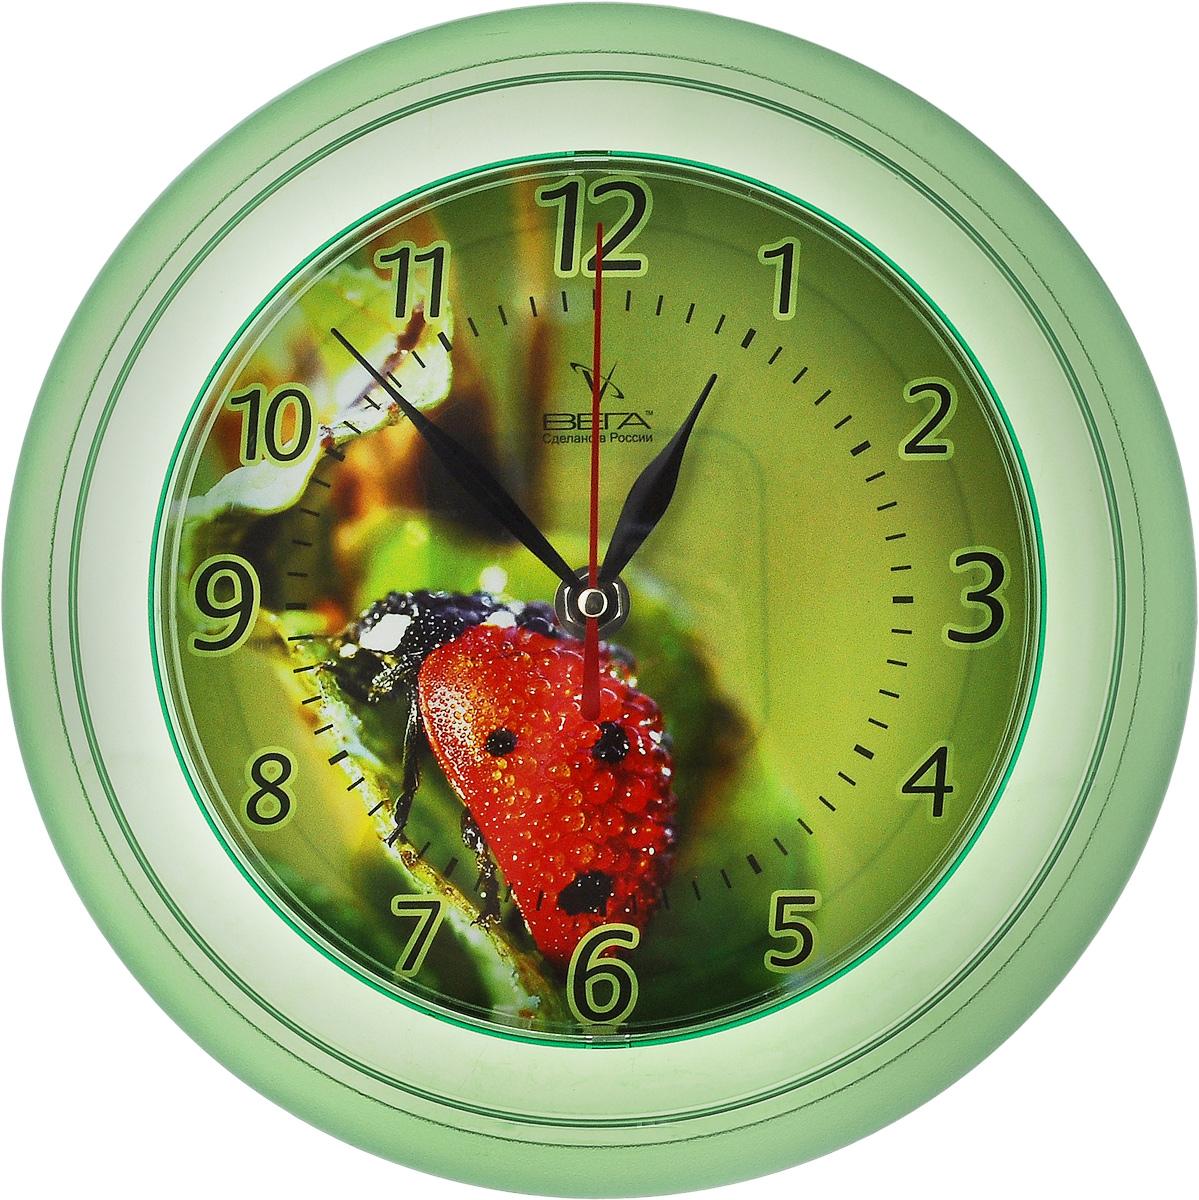 Часы настенные Вега Божья коровка, диаметр 22,5 смП6-3-2Настенные кварцевые часы Вега Божья коровка, изготовленные из пластика, прекрасно впишутся в интерьер вашего дома. Круглые часы имеют три стрелки: часовую, минутную и секундную, циферблат защищен прозрачным стеклом. Часы работают от 1 батарейки типа АА напряжением 1,5 В (не входит в комплект). Диаметр часов: 22,5 см.